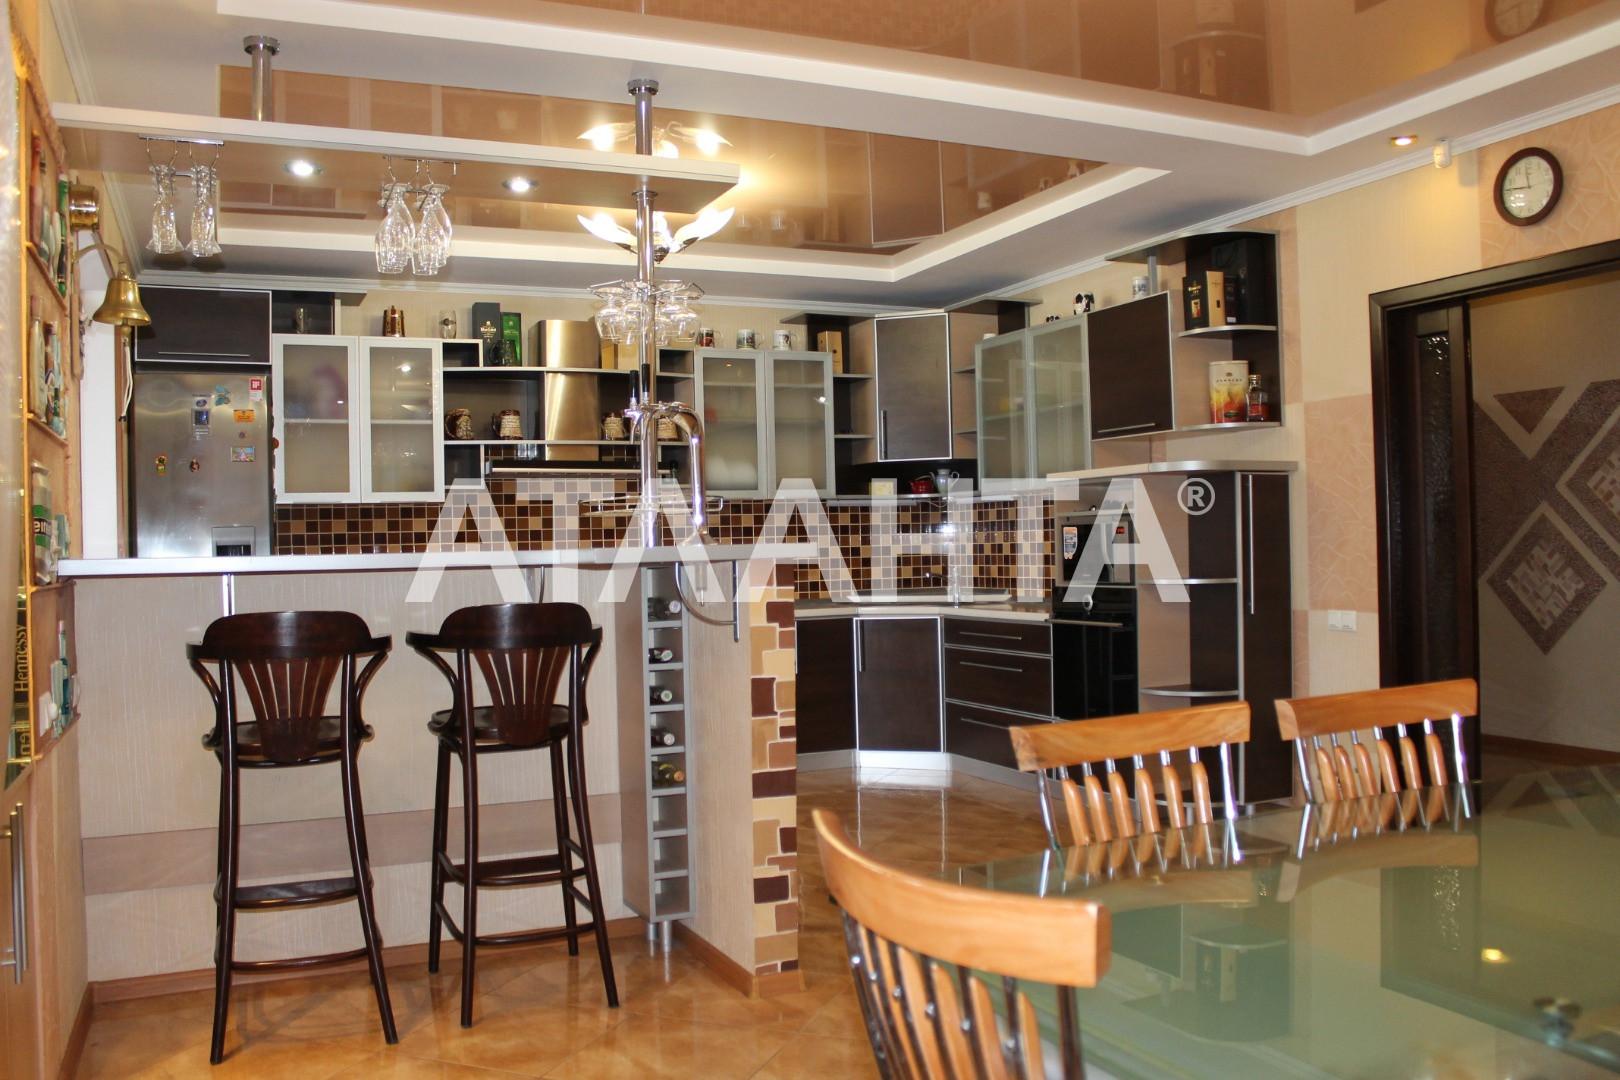 Продается 3-комнатная Квартира на ул. Мечникова — 145 000 у.е. (фото №6)